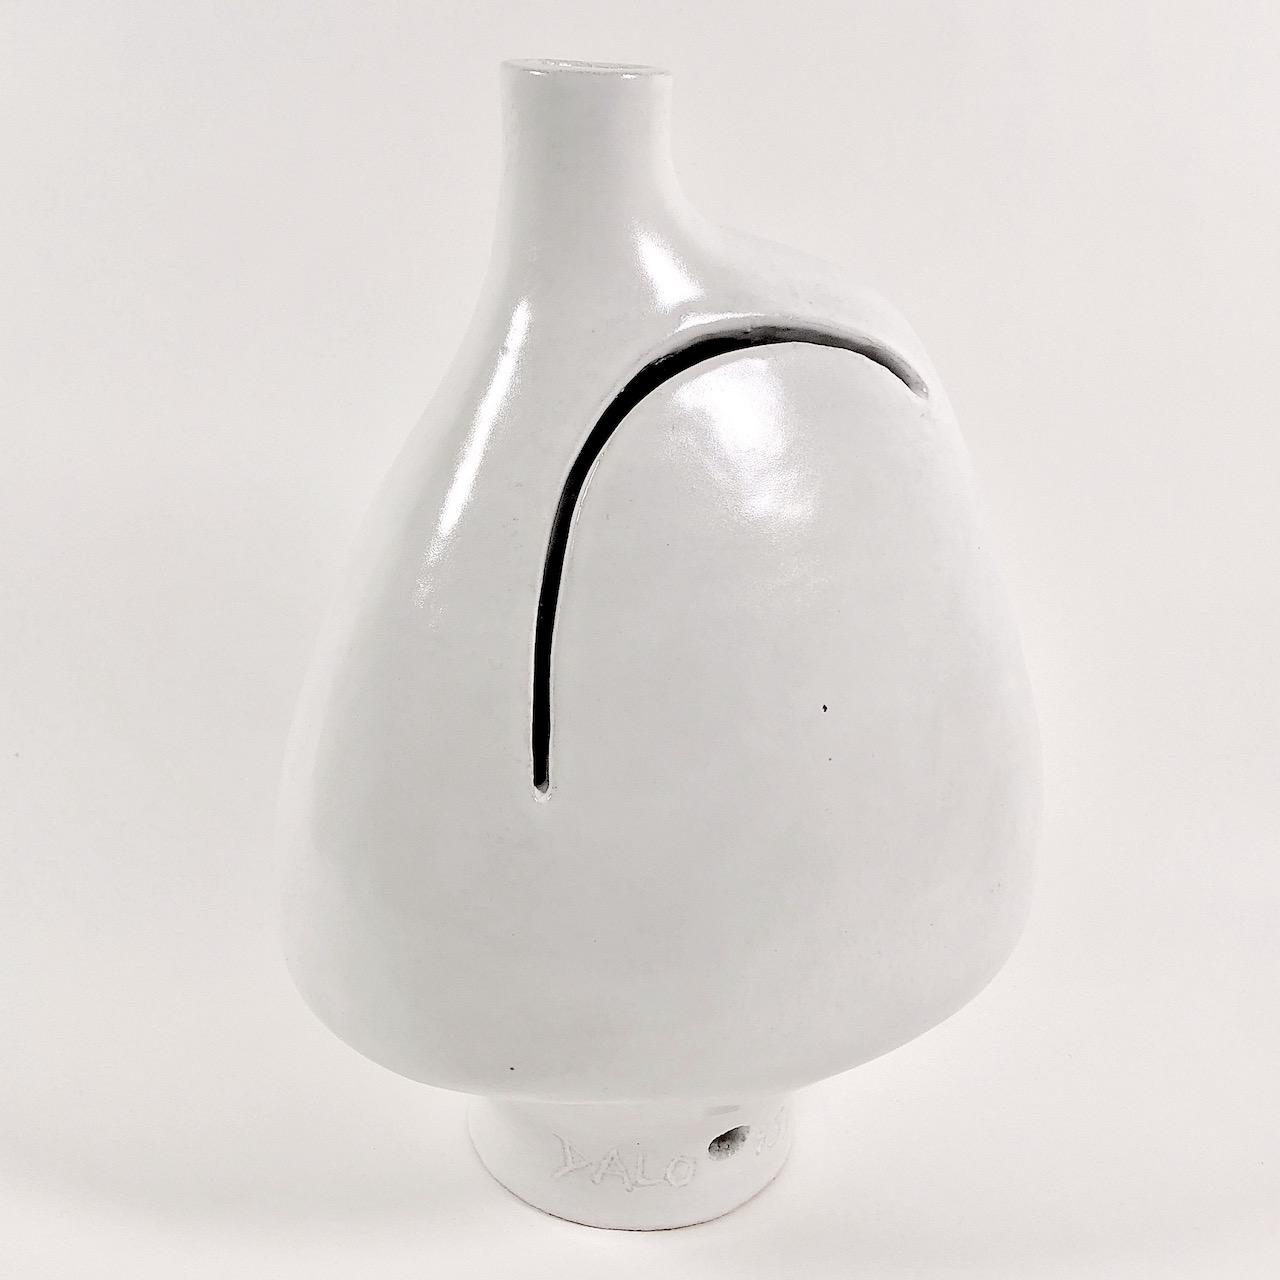 DaLo - Pied de lampe blanc, col décentré